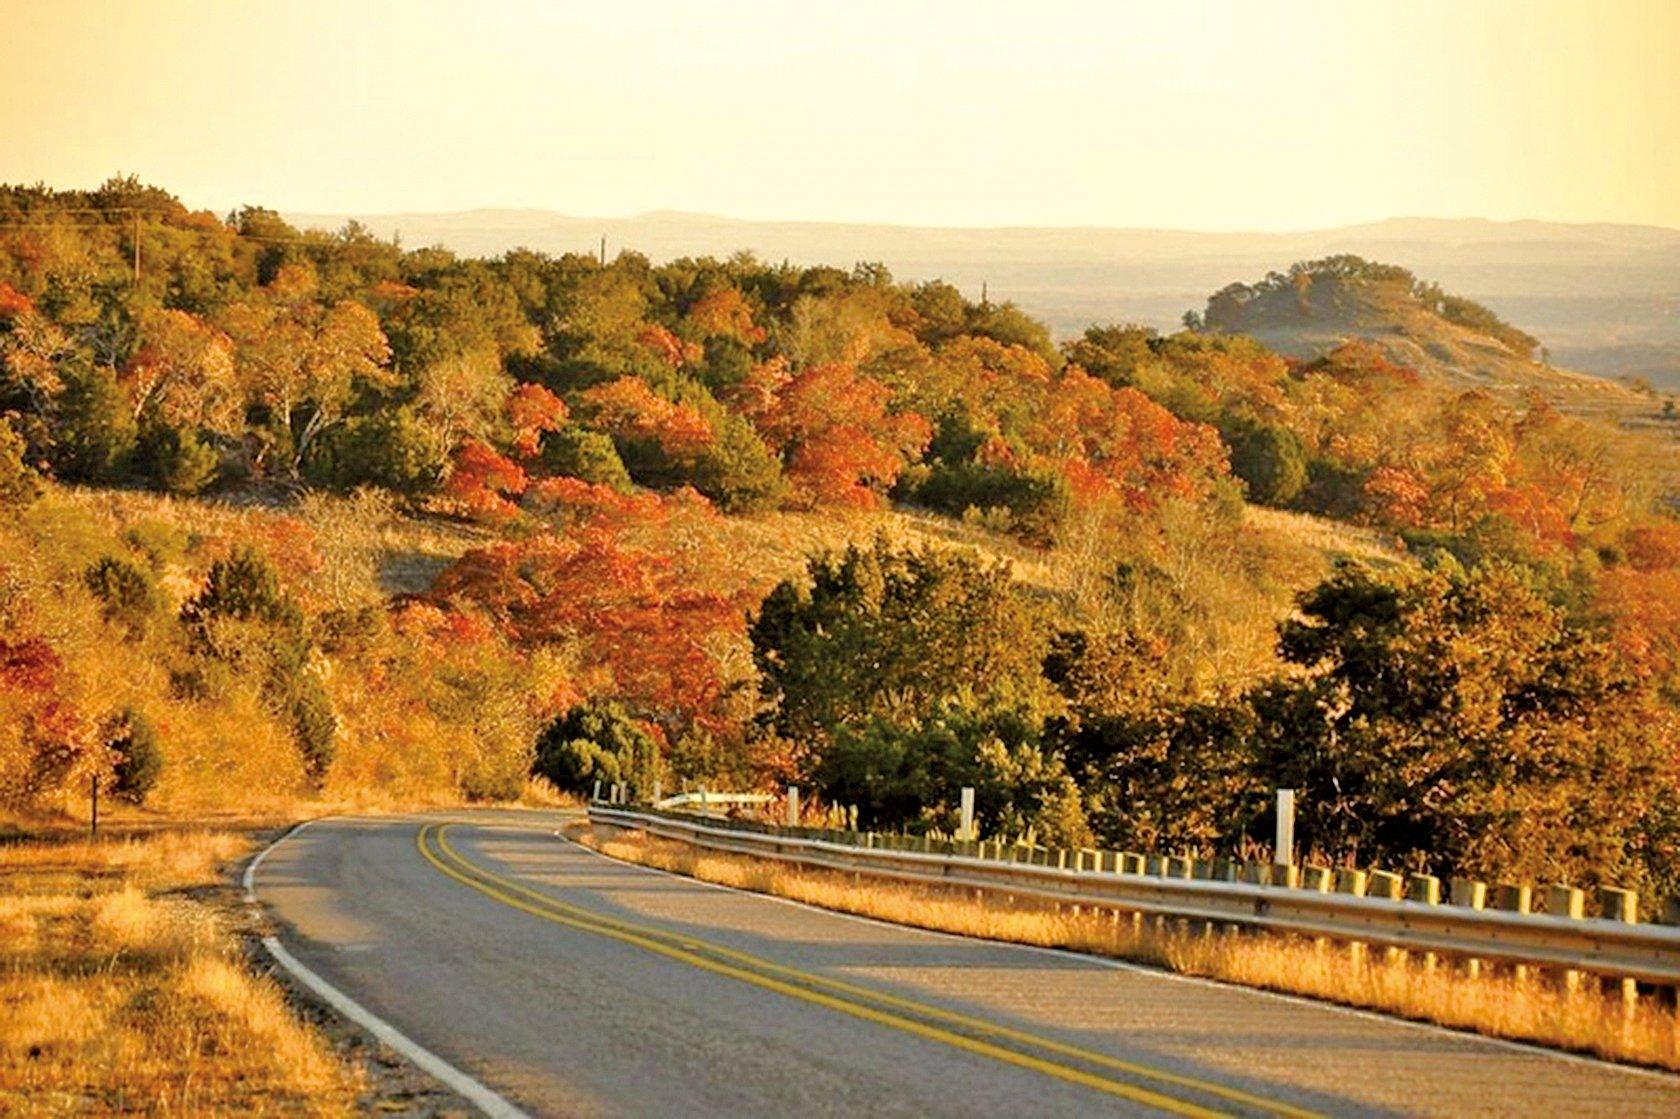 這類的蜿蜒公路,在「山丘之鄉」隨處可見。